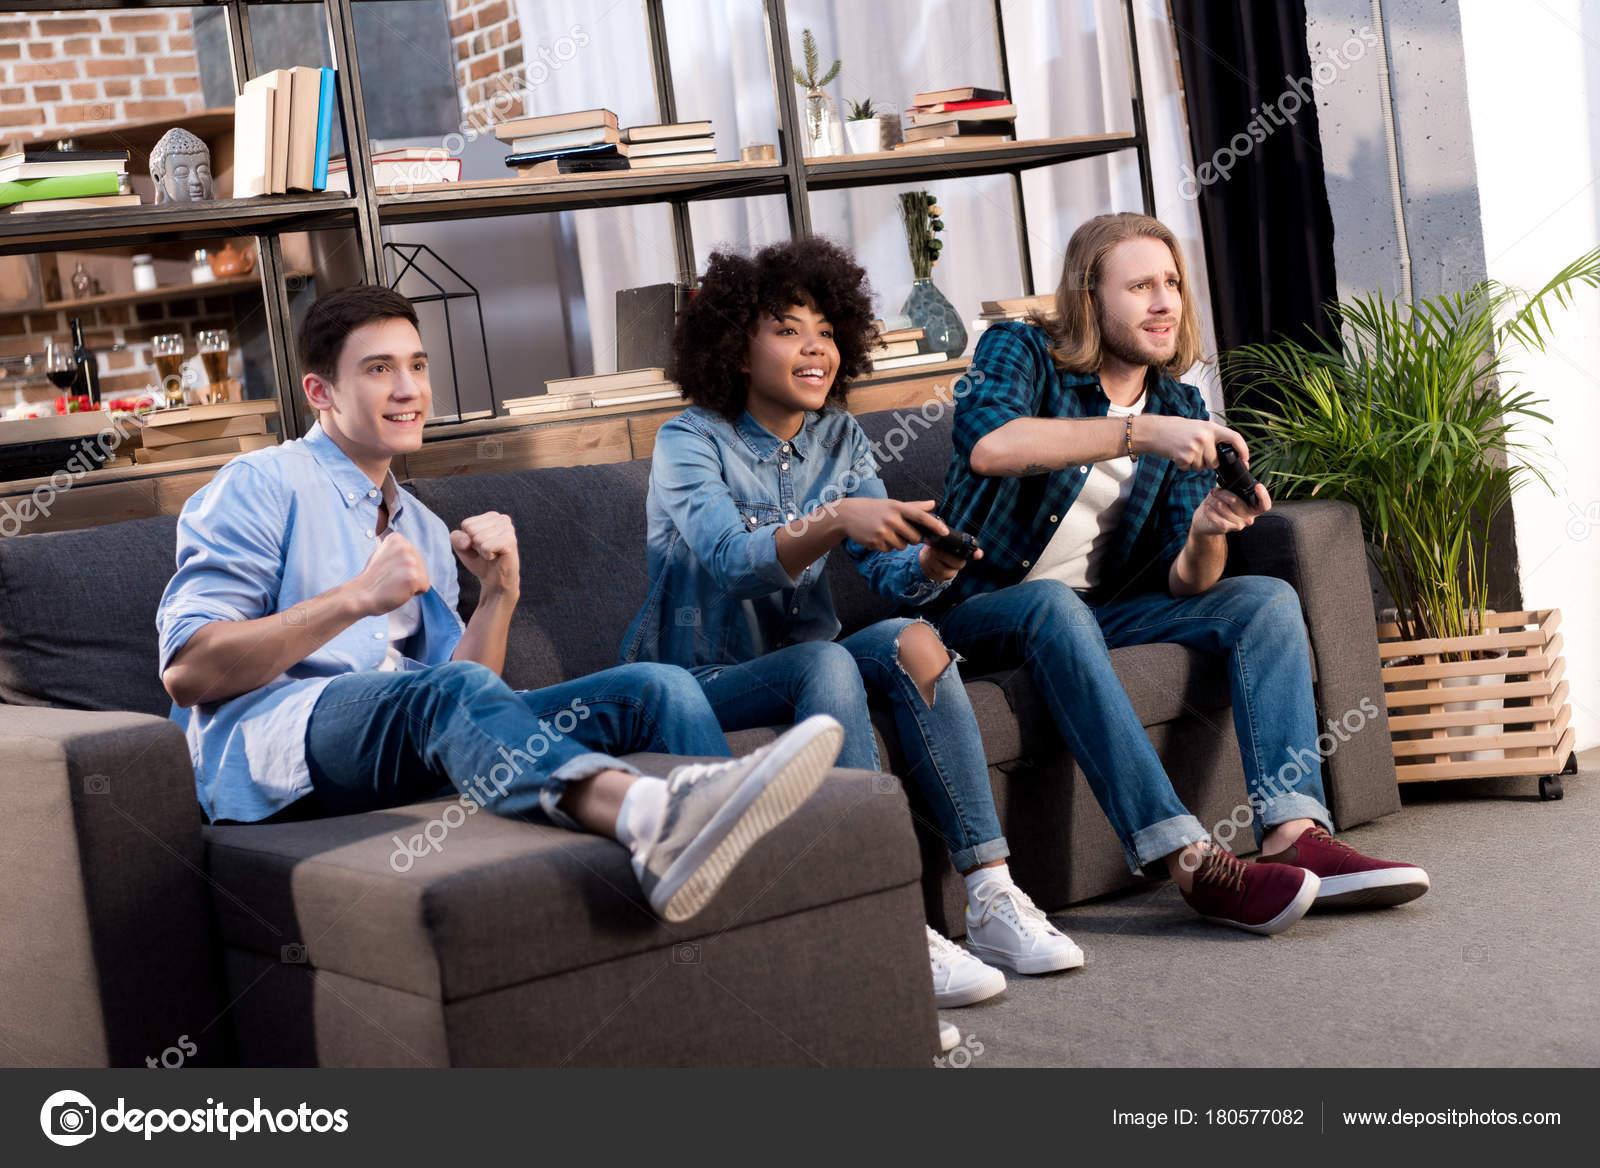 Amigos Multiculturales Jugando Video Juego Casa Fotos De Stock